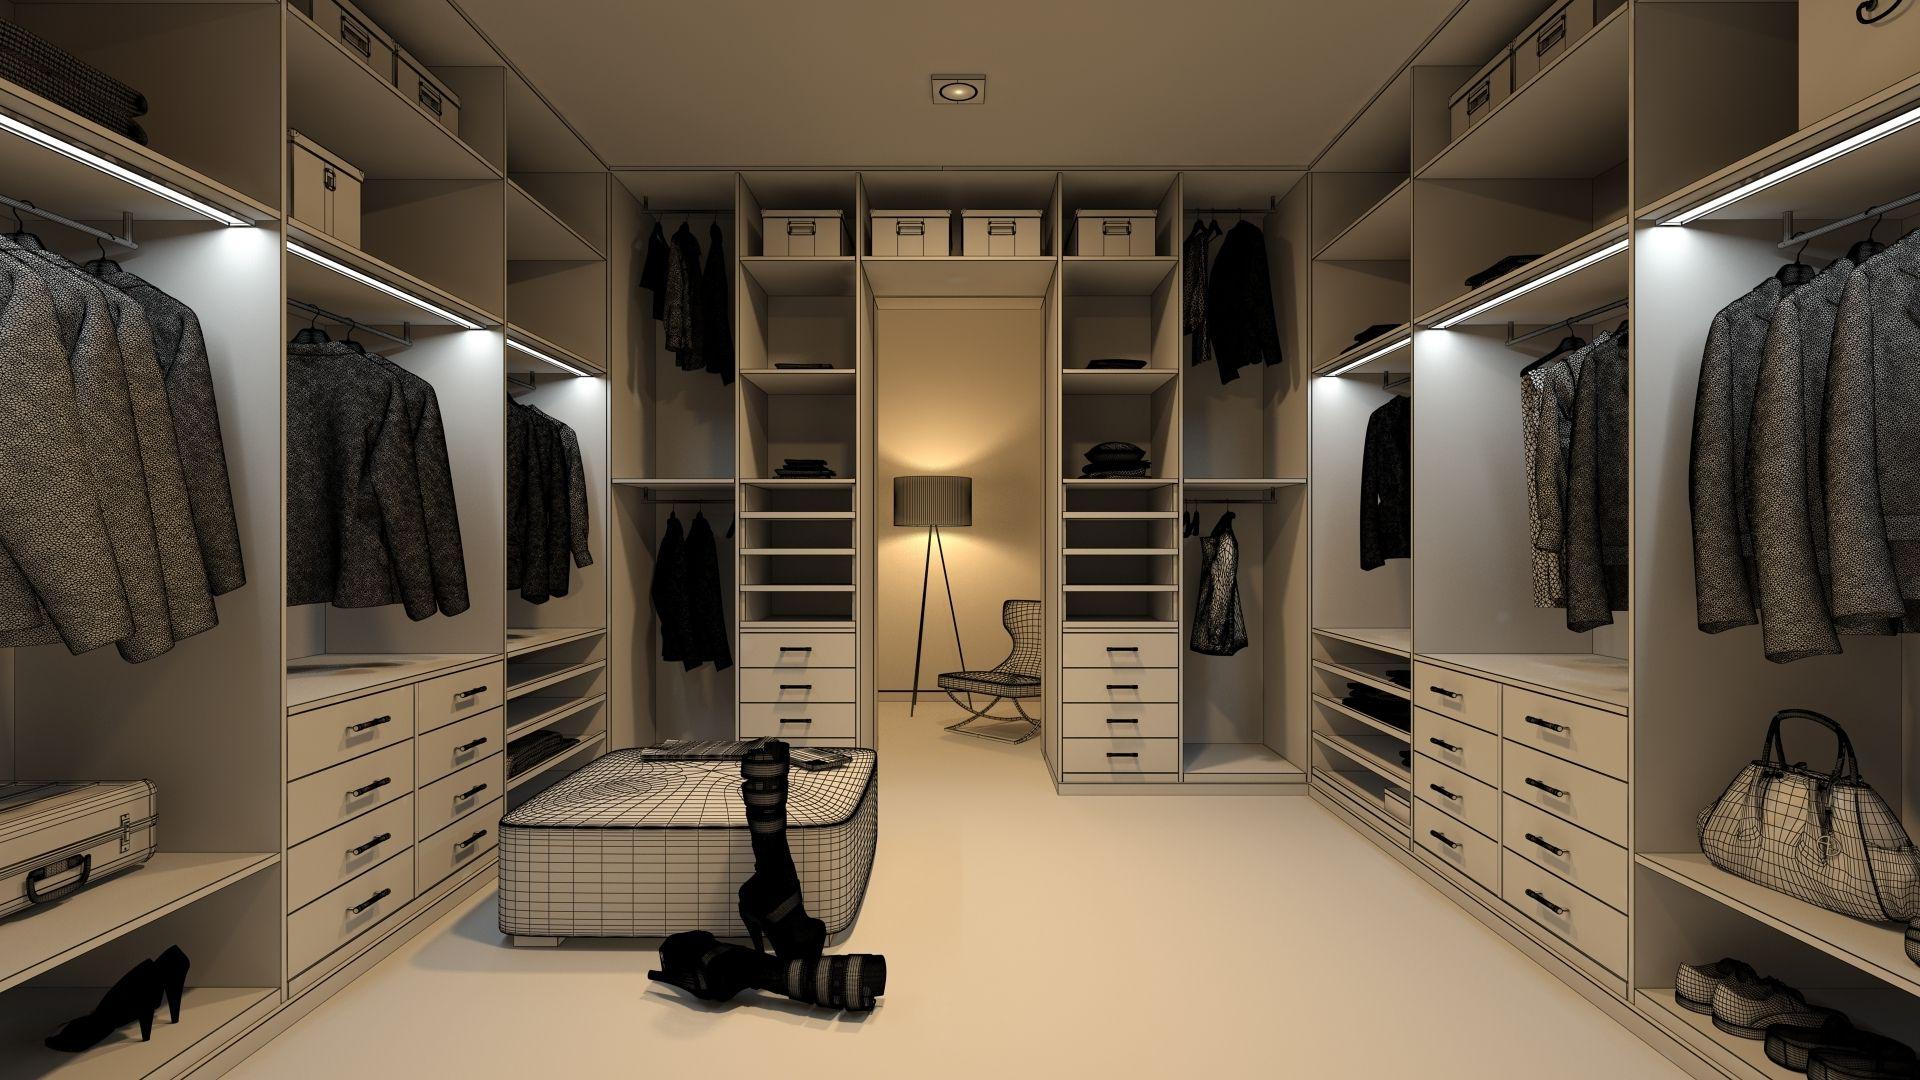 df249f715726 Как грамотно и красиво оформить гардеробную комнату? — Агентство ...